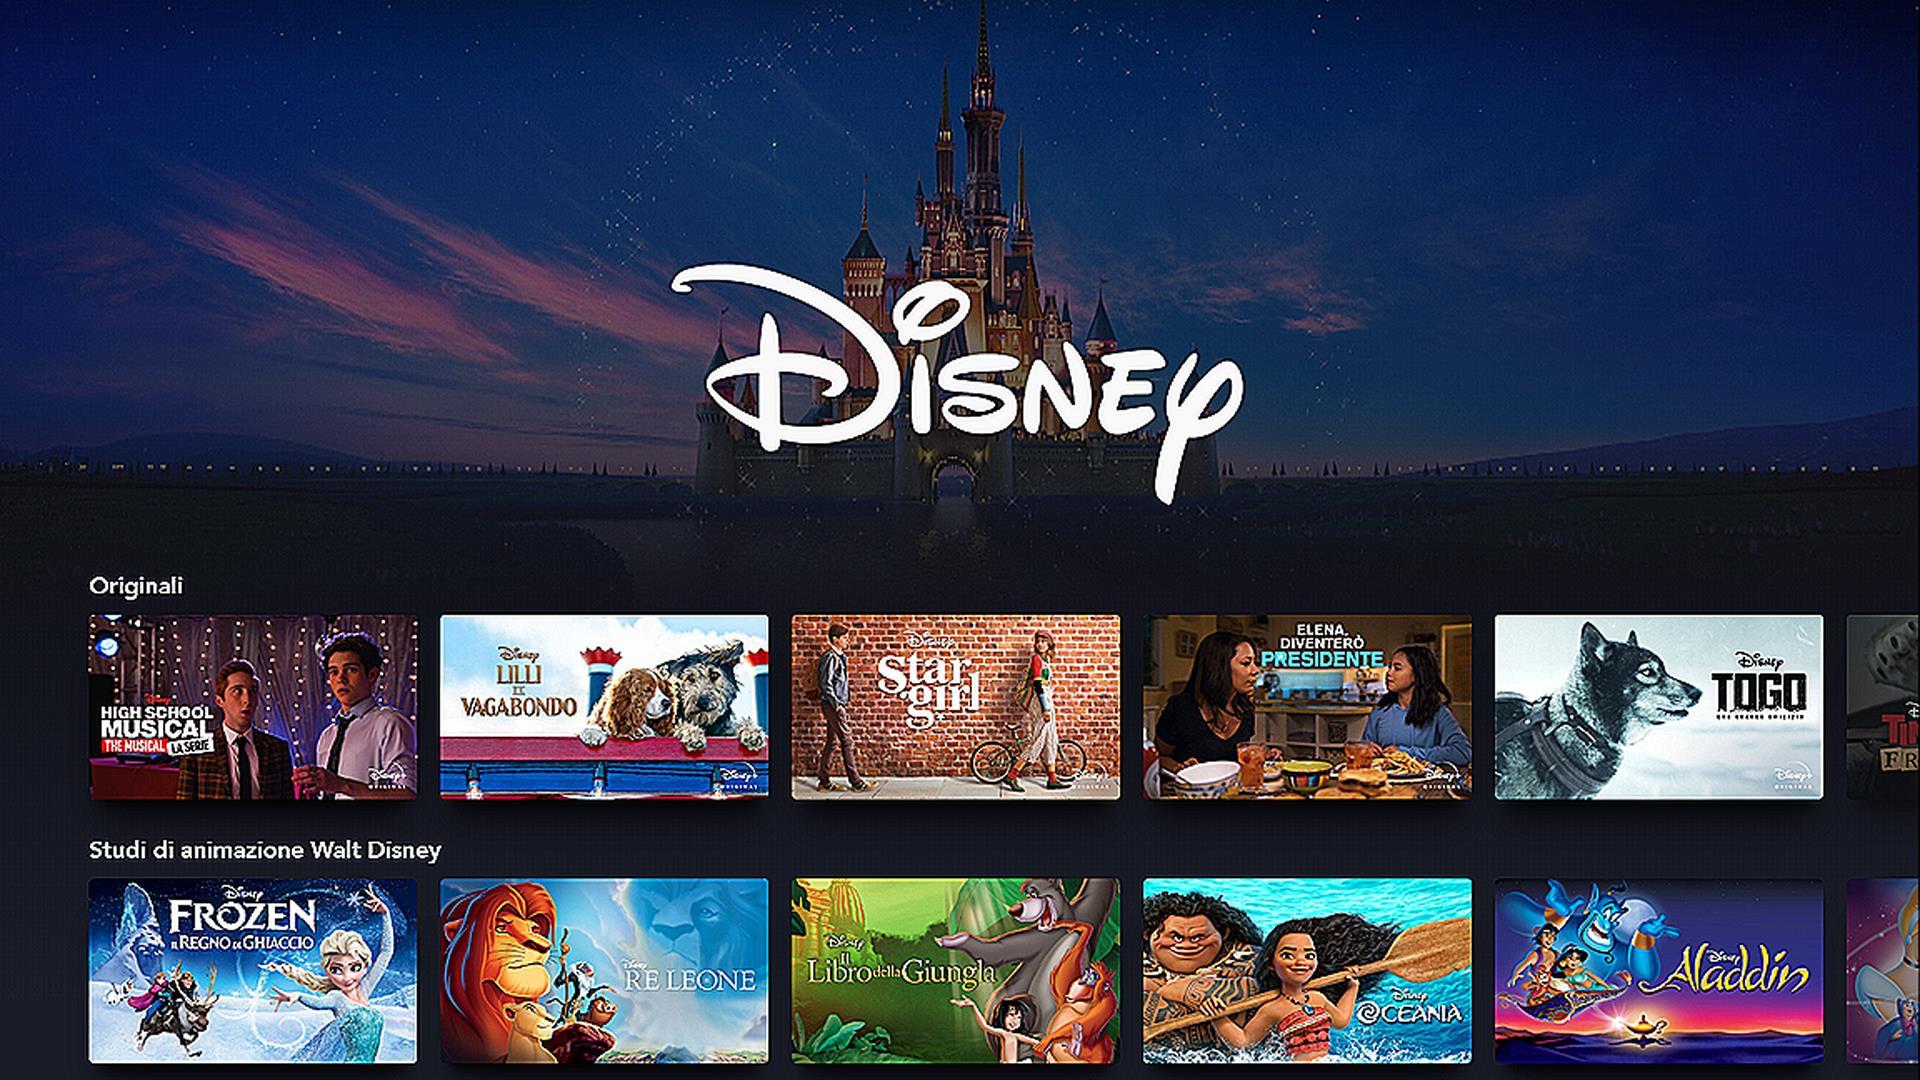 Disney: tutti i film, le serie TV e gli originali in catalogo su Disney+